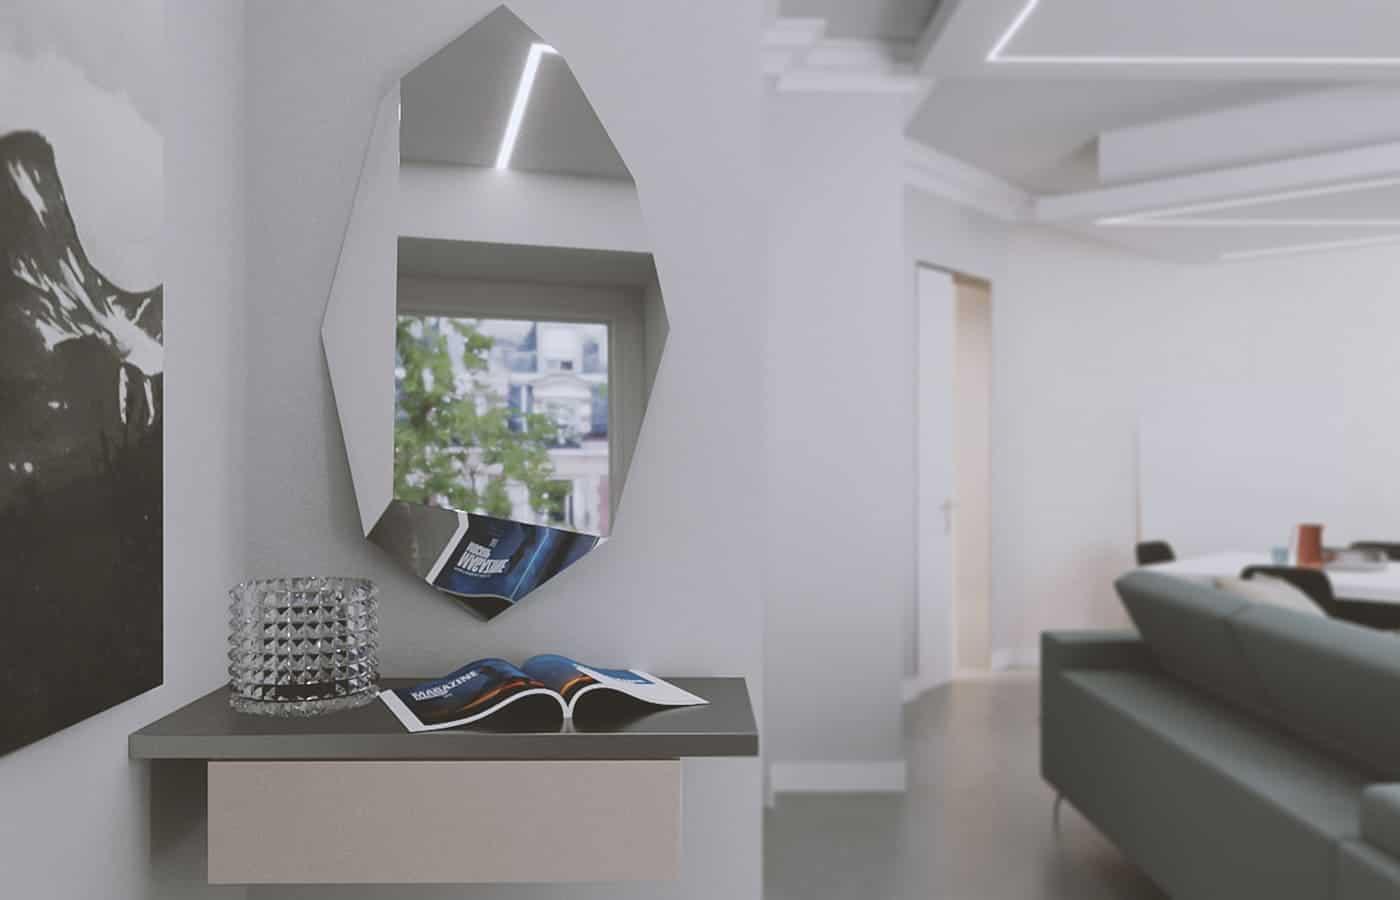 Specchio Entrata - Progetto Via Adamello Lomazzo - Il Mobile